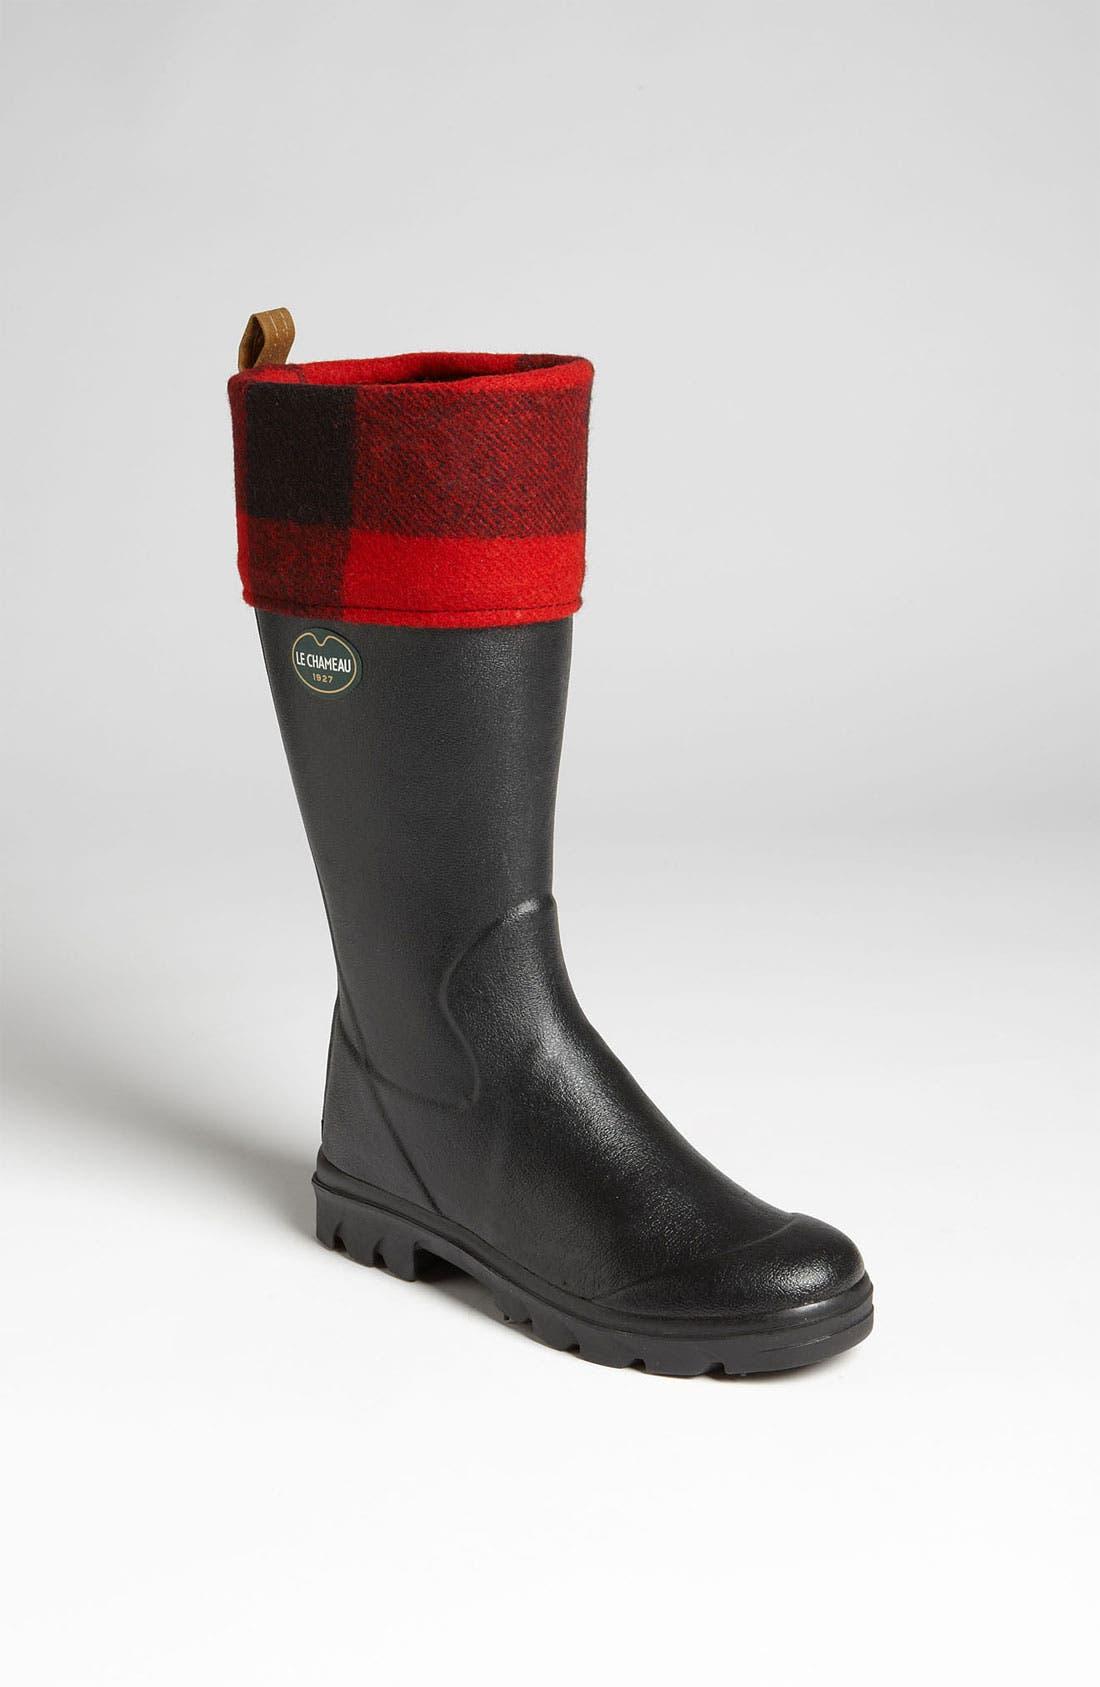 Alternate Image 1 Selected - Le Chameau 'Filson Anjou' Rain Boot (Women)